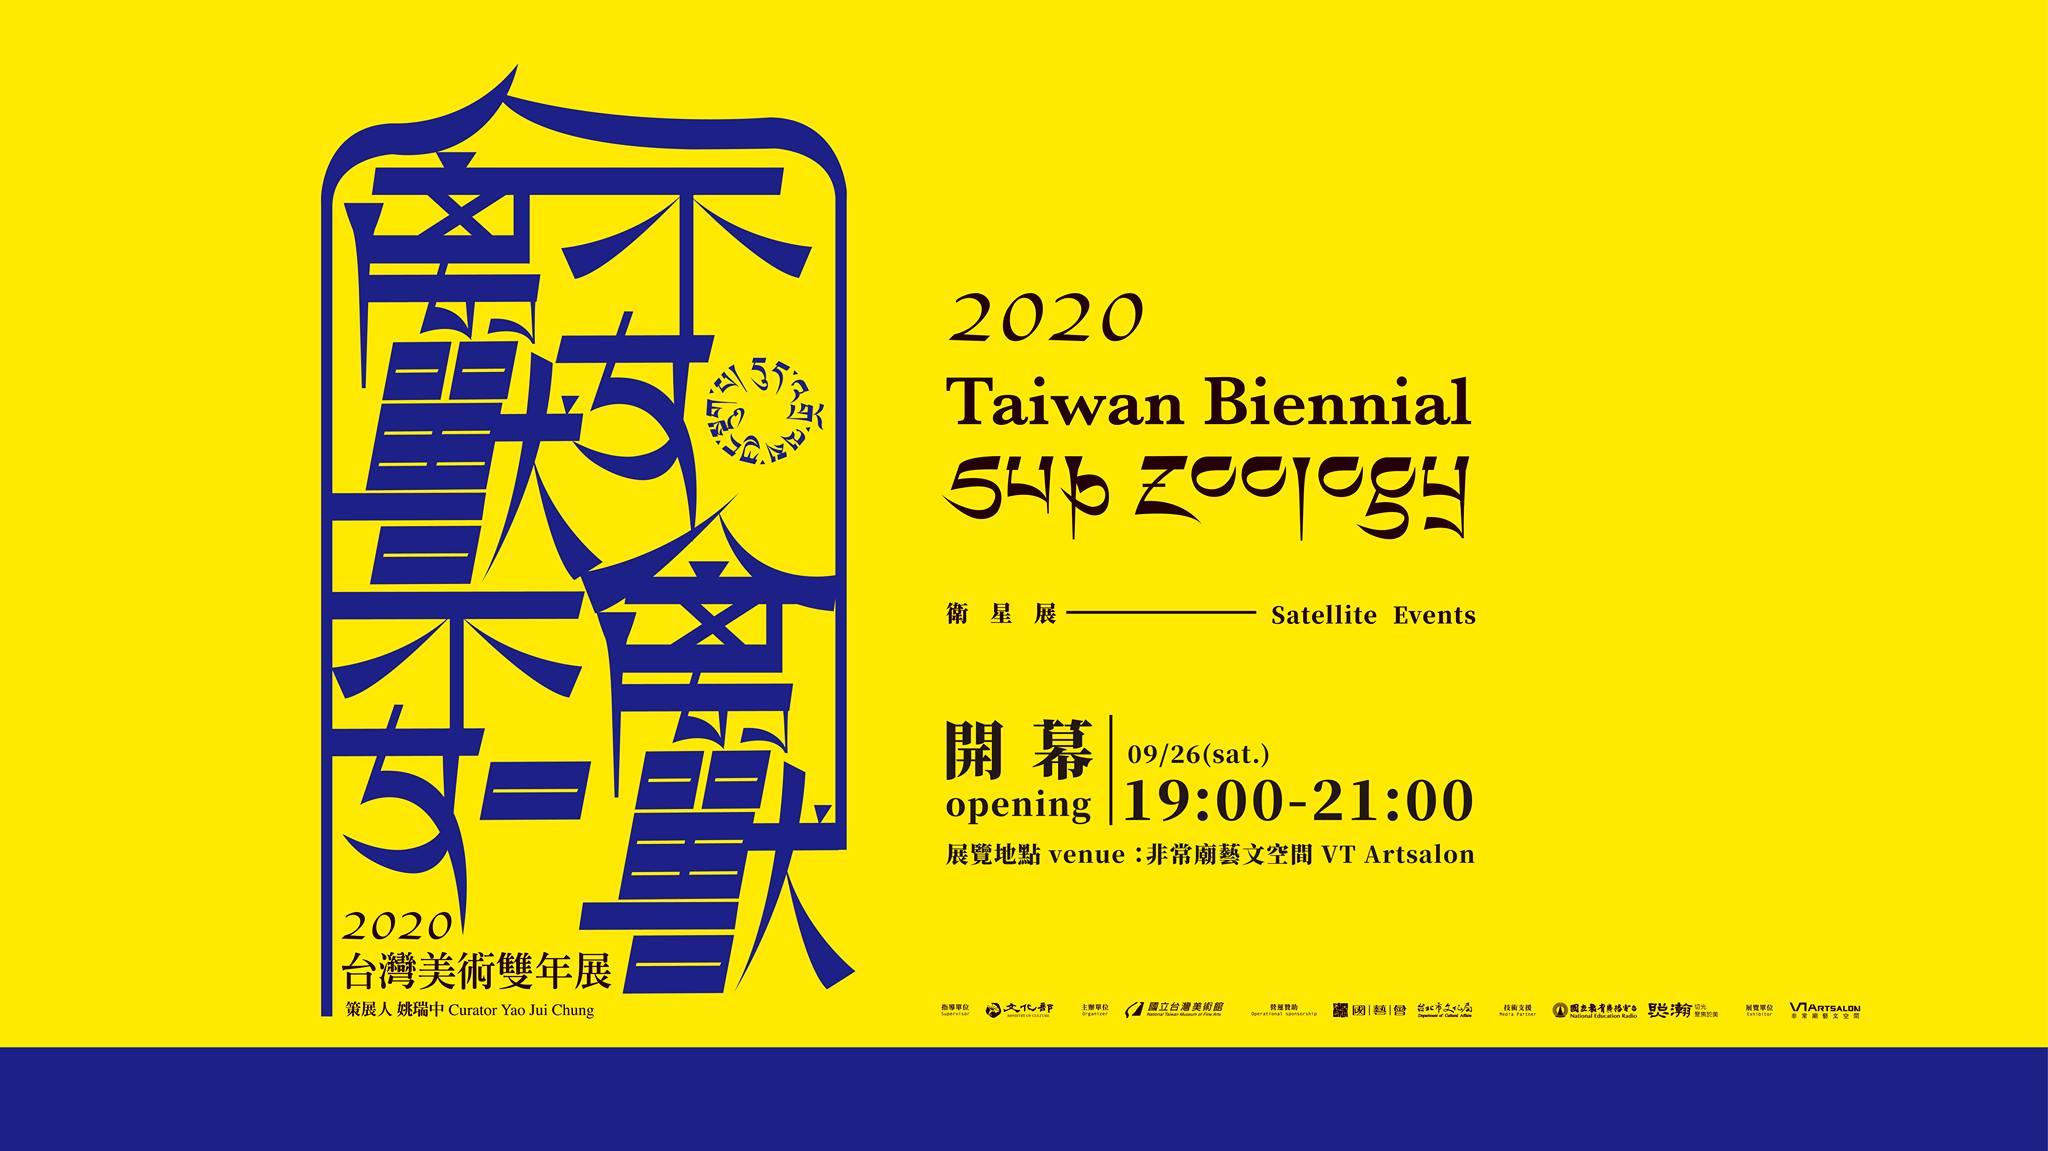 【 禽獸不如—2020台灣美術雙年展 Taiwan Biennial 】